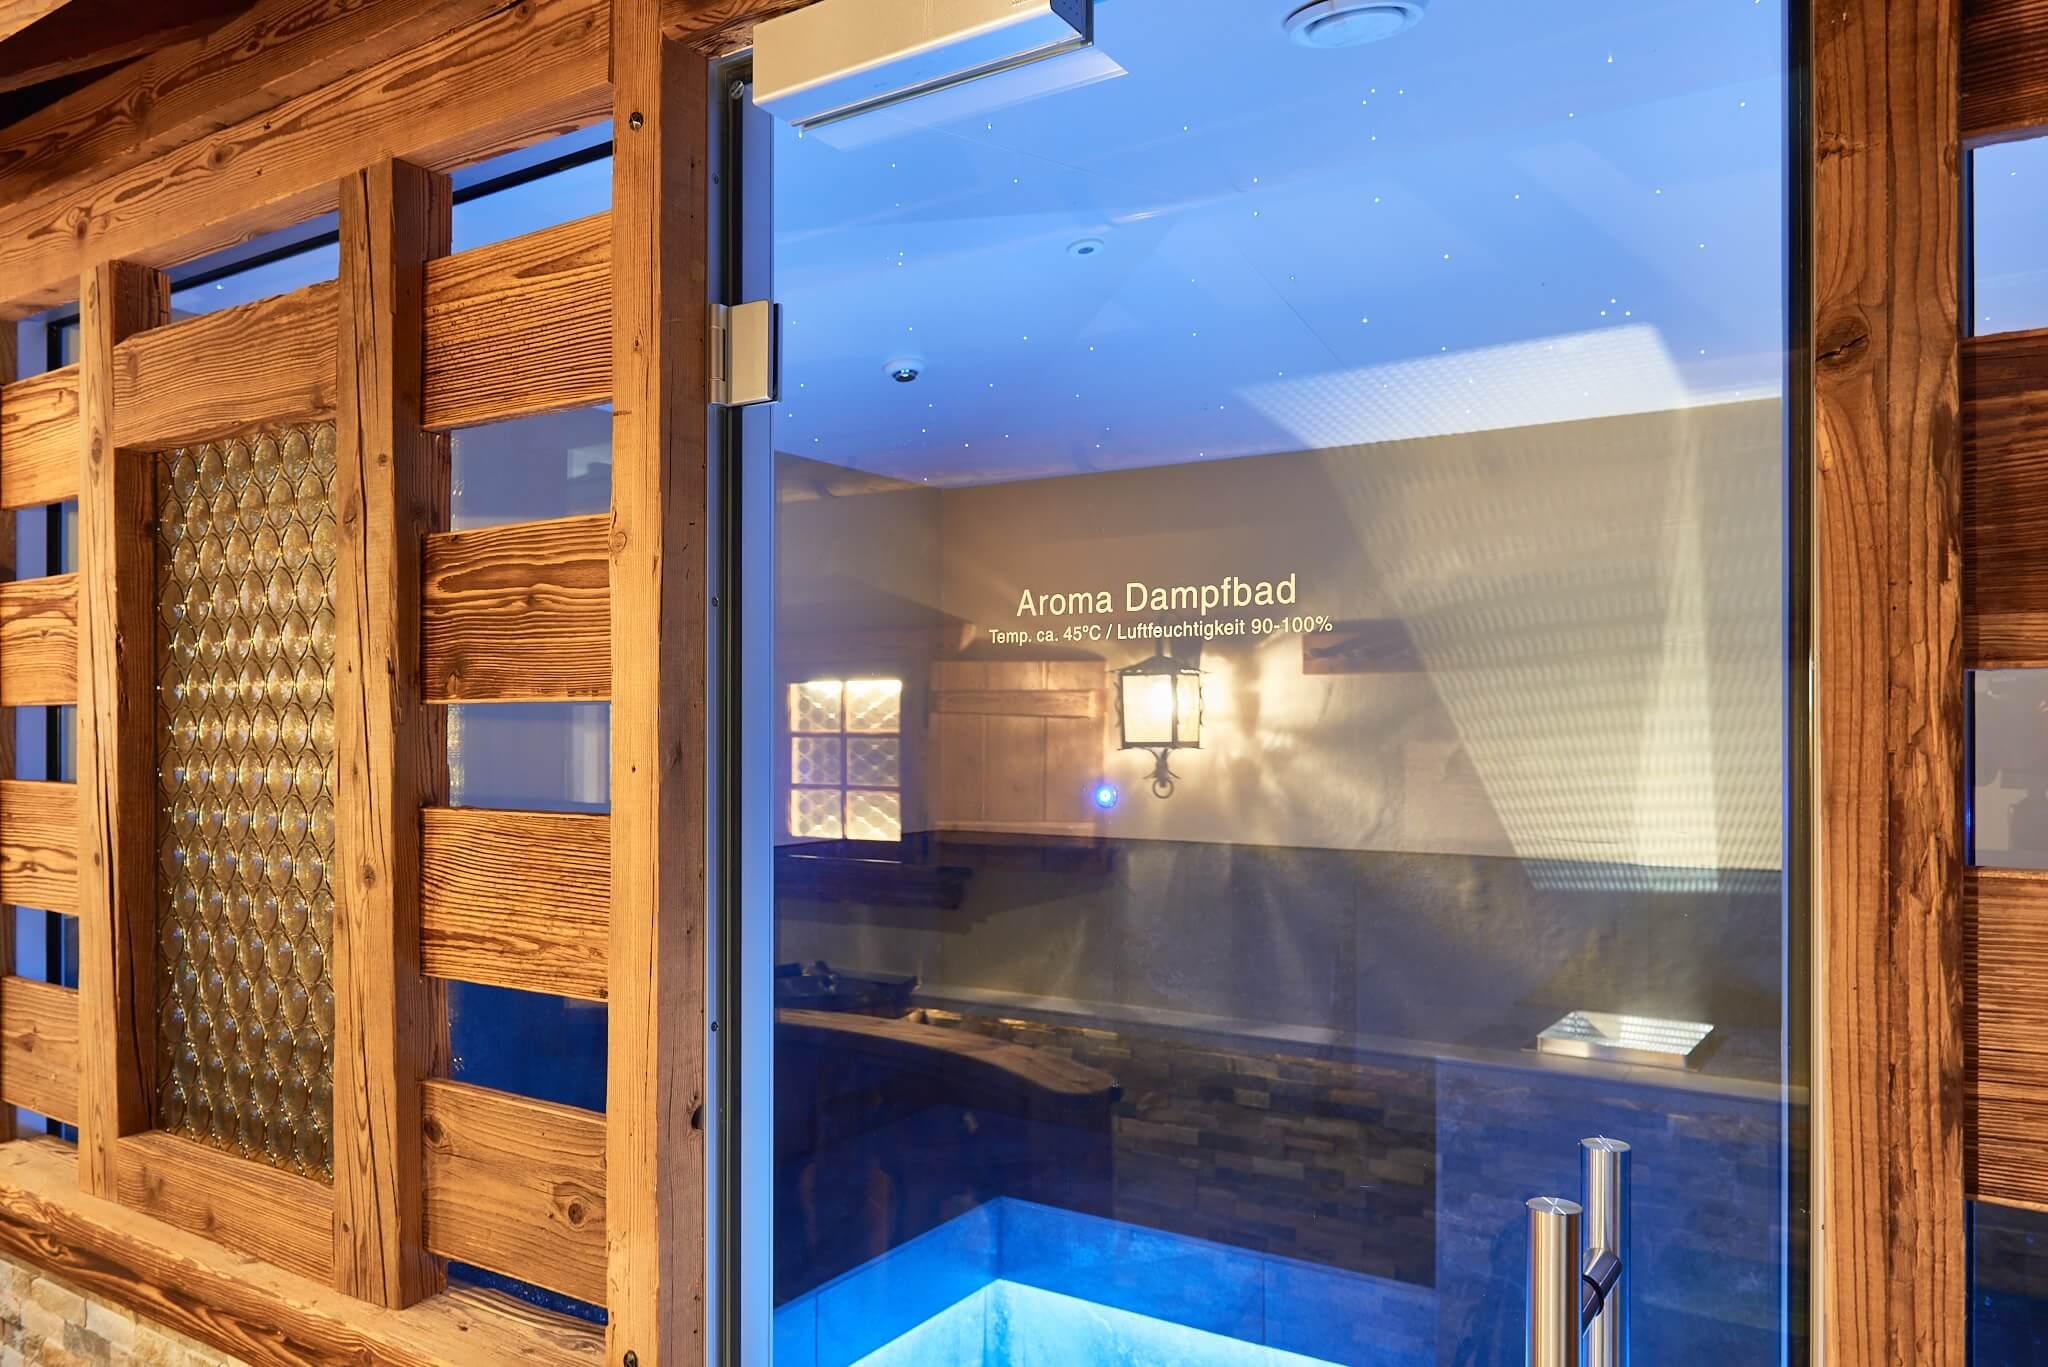 solbadhotel-sigriswil-aroma-dampfbad